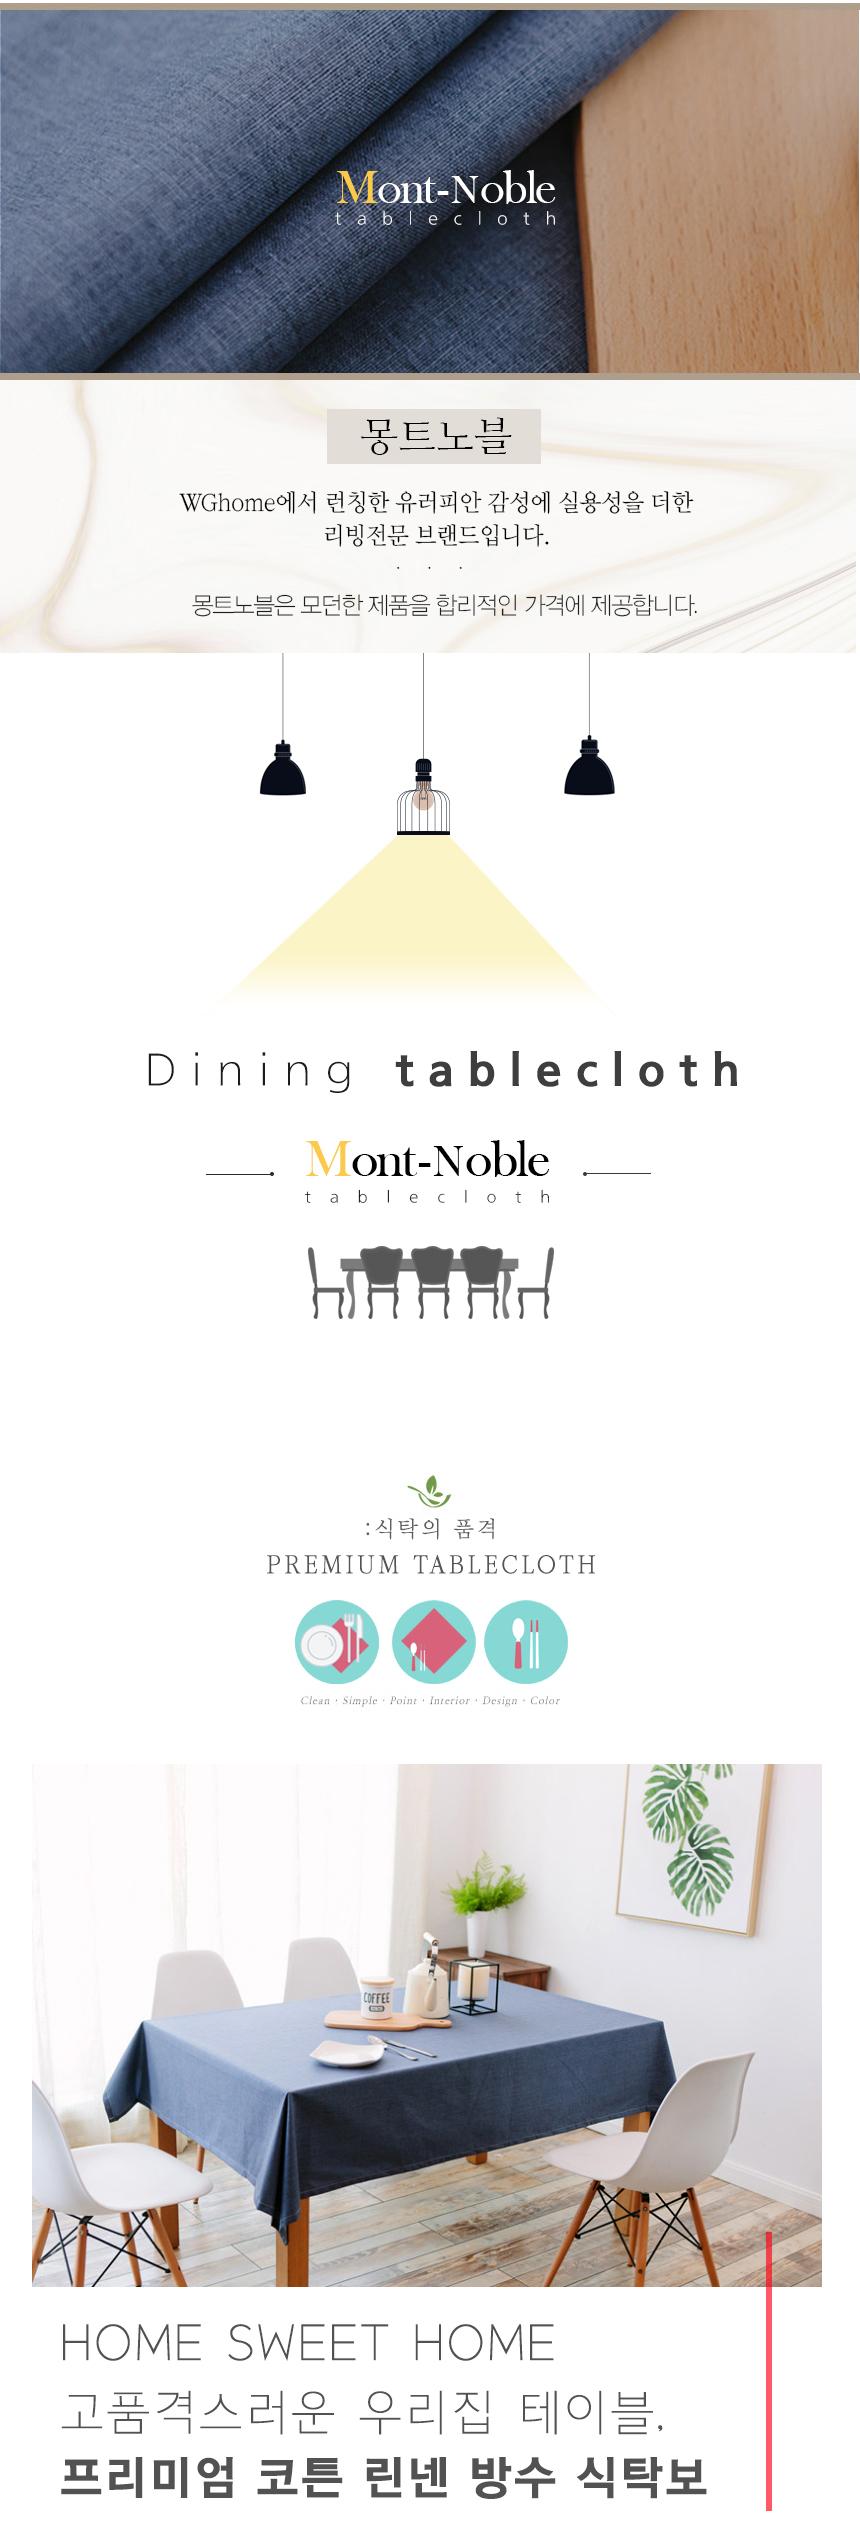 6인용 북유럽 식탁보 테이블보 - 몽트노블, 26,900원, 식탁, 식탁보